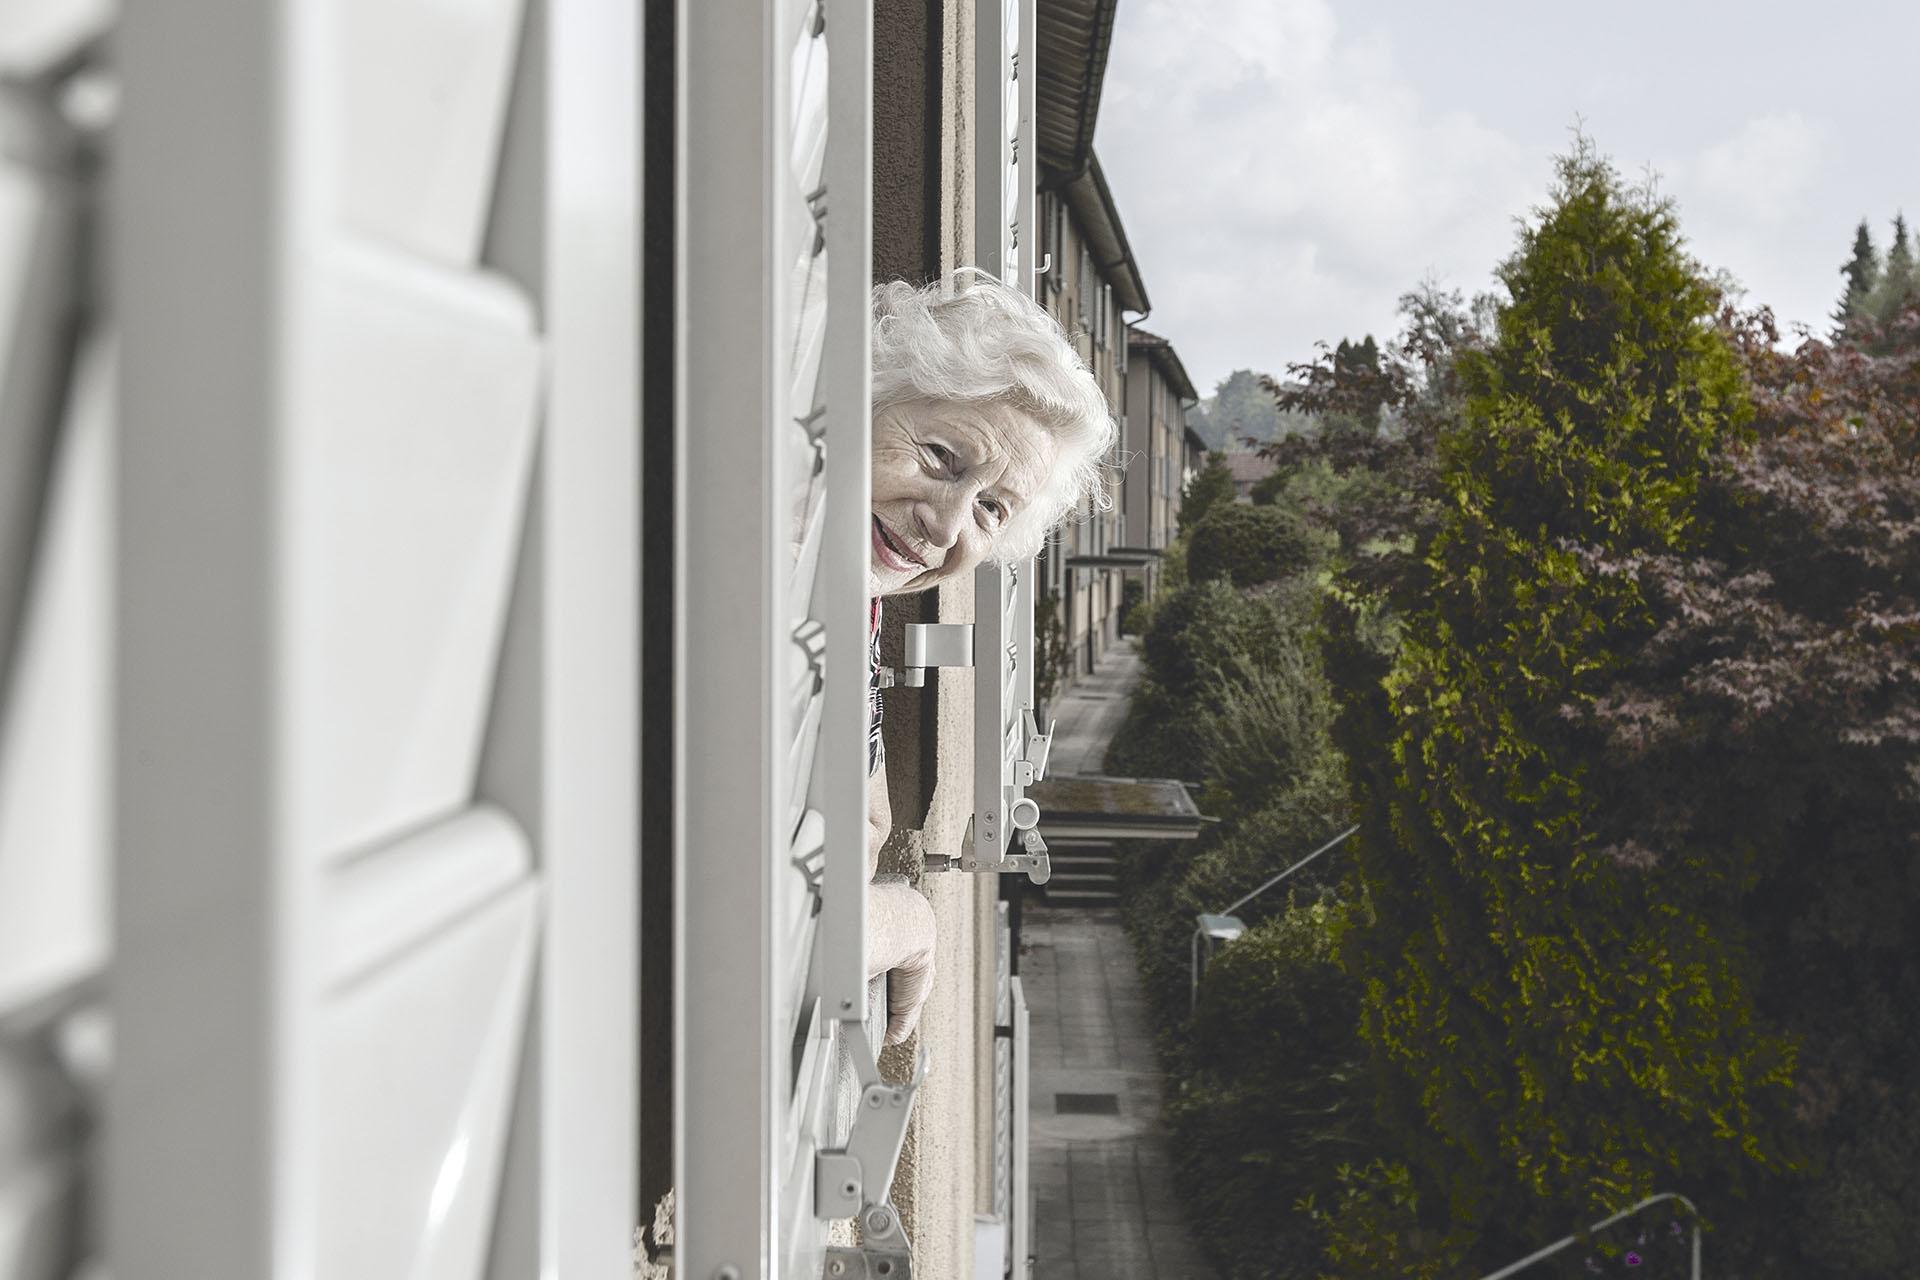 75 Jahre GWG – Jubiläumsschrift Porträts Siedlung Vogelsang, Margrith Gagliardi Fotos: Jolanda Flubacher Derungs  www.jolandaflubacher.ch